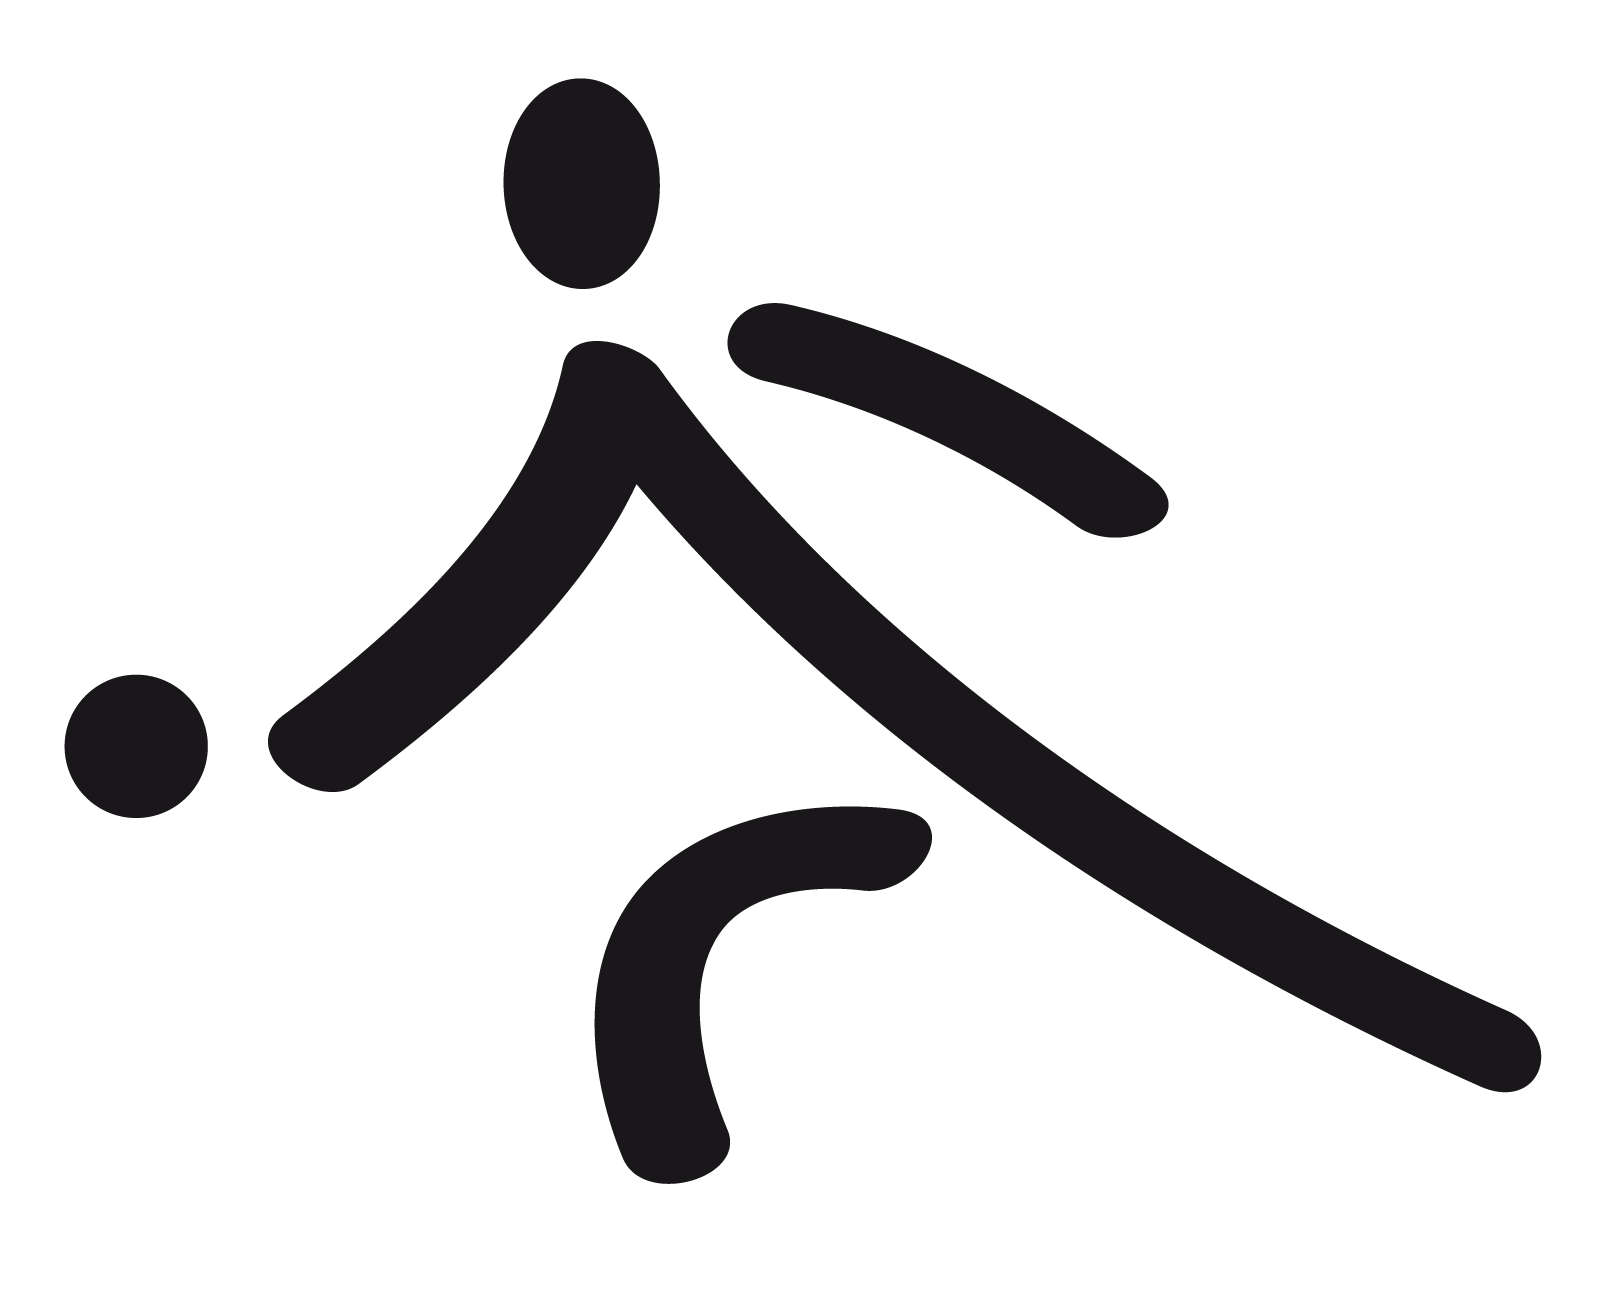 Images For u0026gt; Bocce Logo-Images For u0026gt; Bocce Logo-7